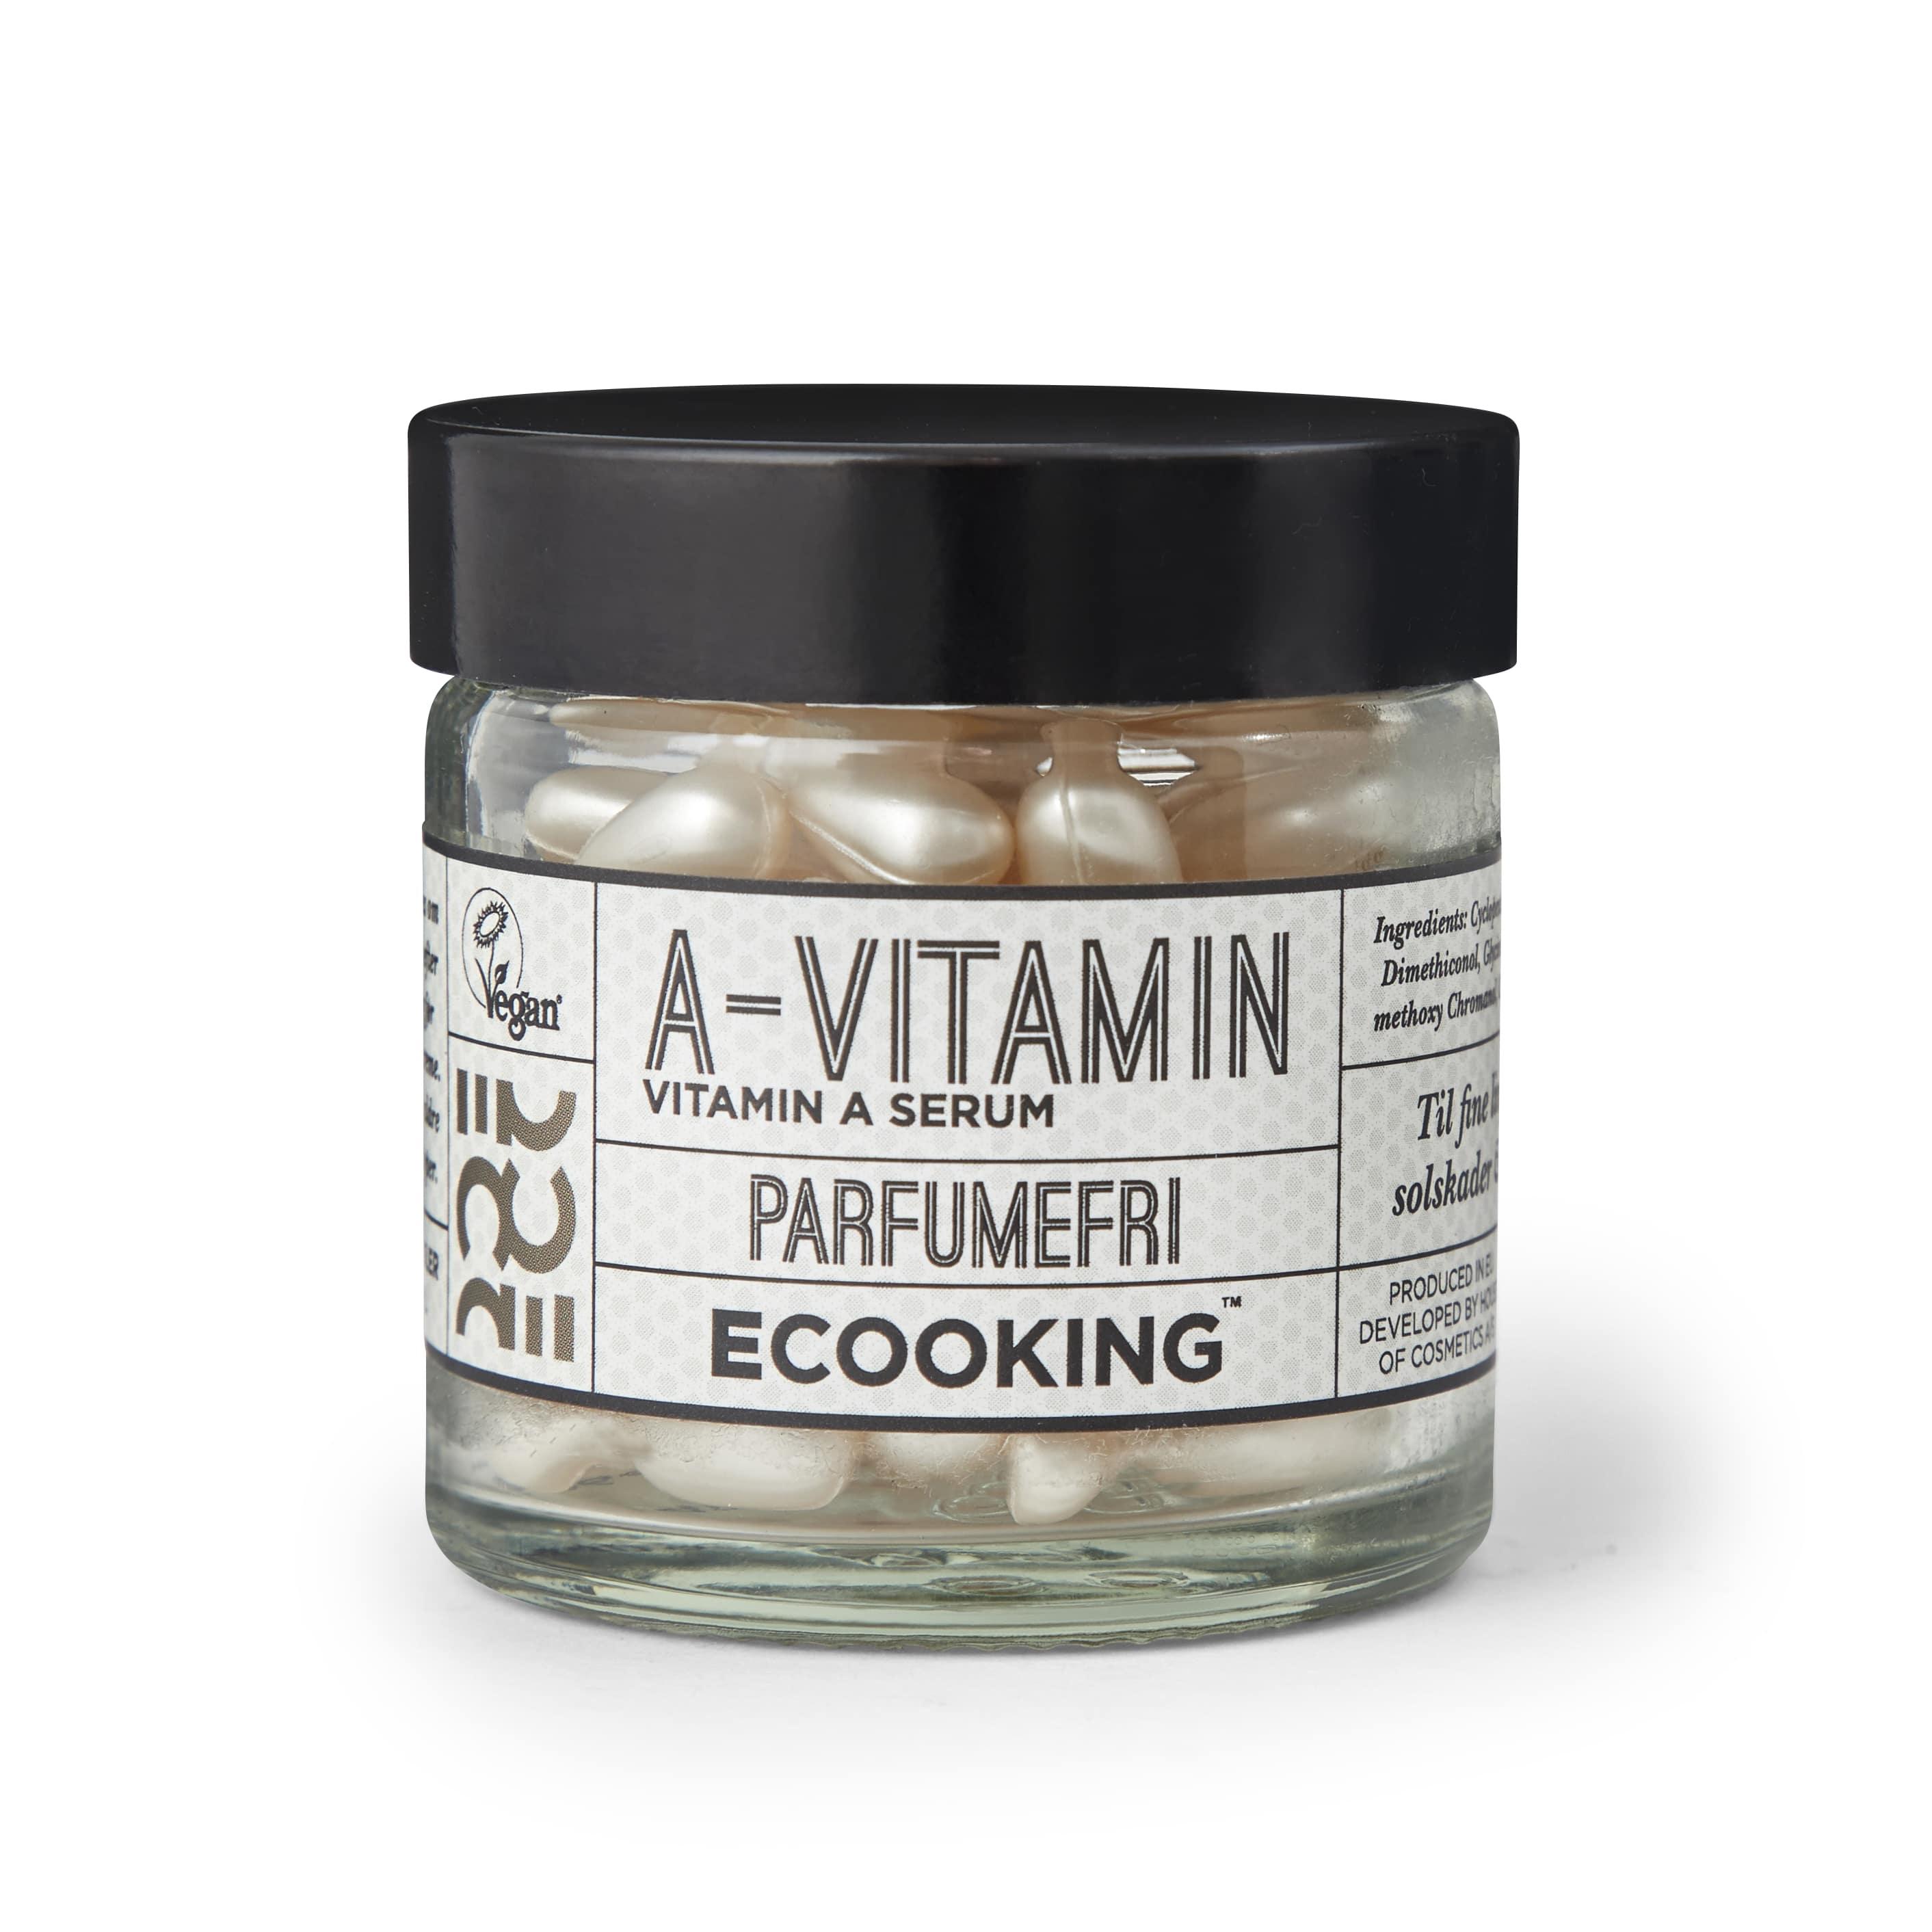 Ecooking Parfumefri A-Vitamin Serum Kapsler, 60 stk